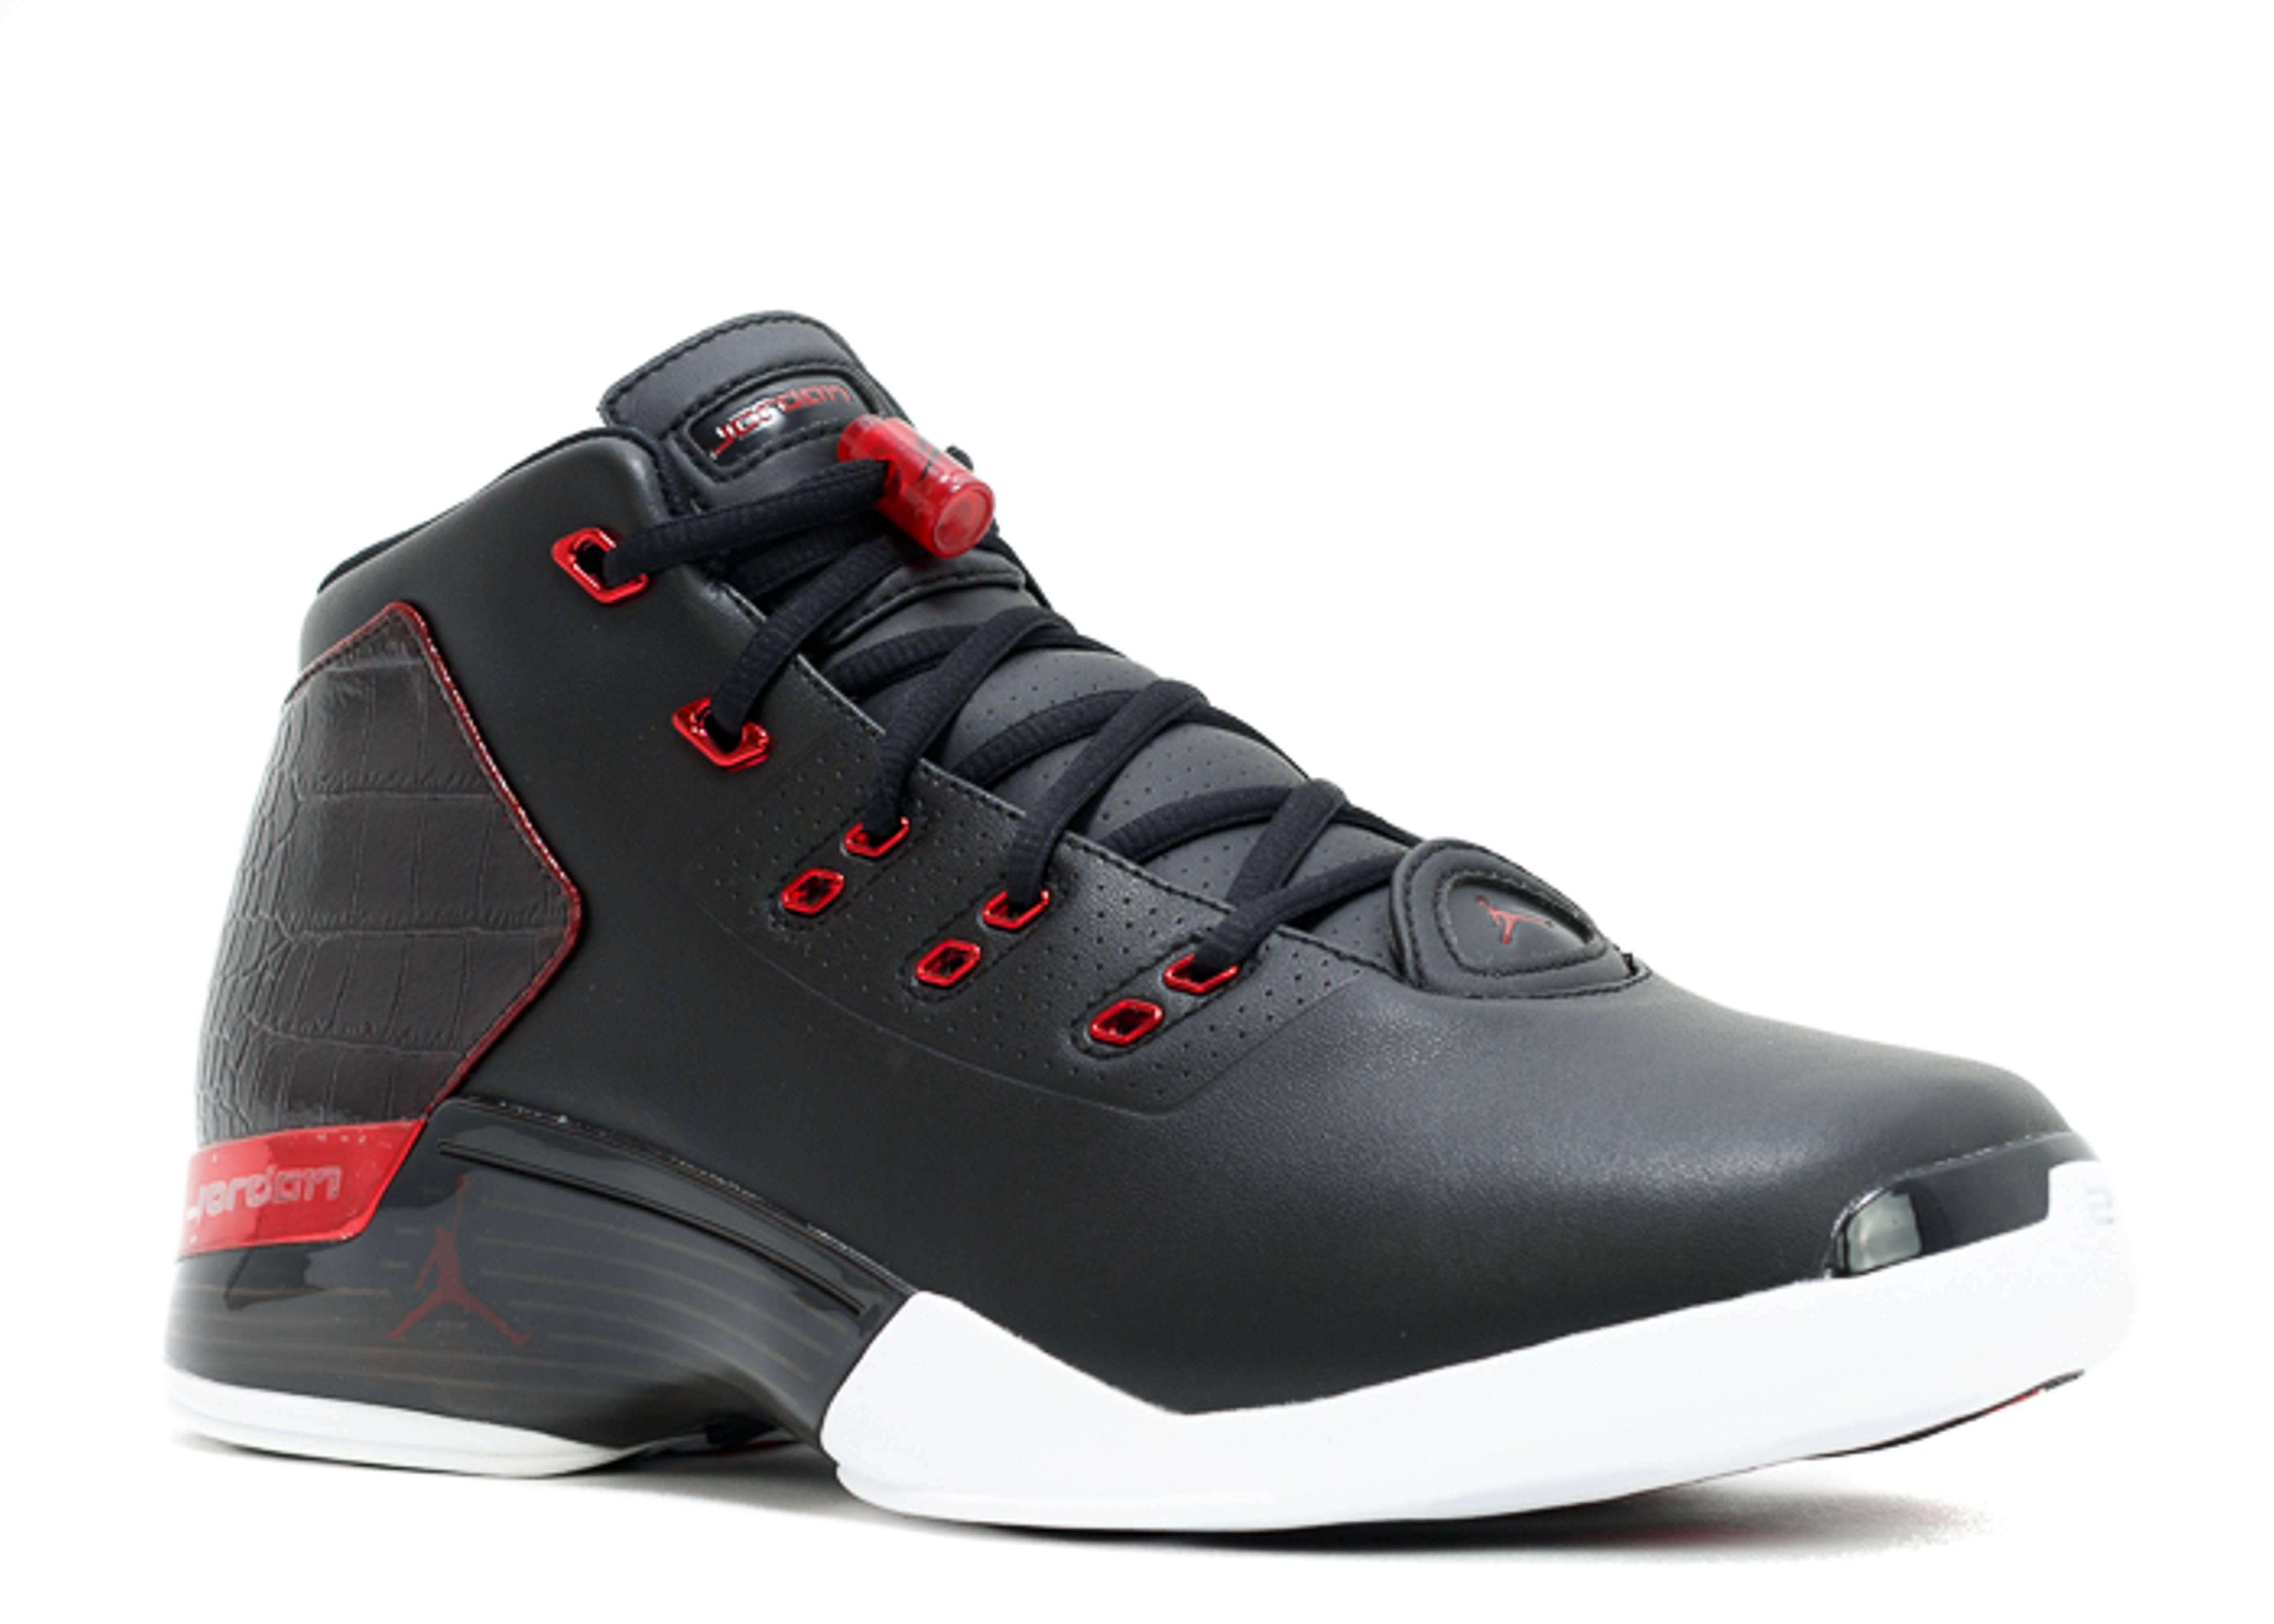 0a4e48f459ce84 Air Jordan 17+ Retro